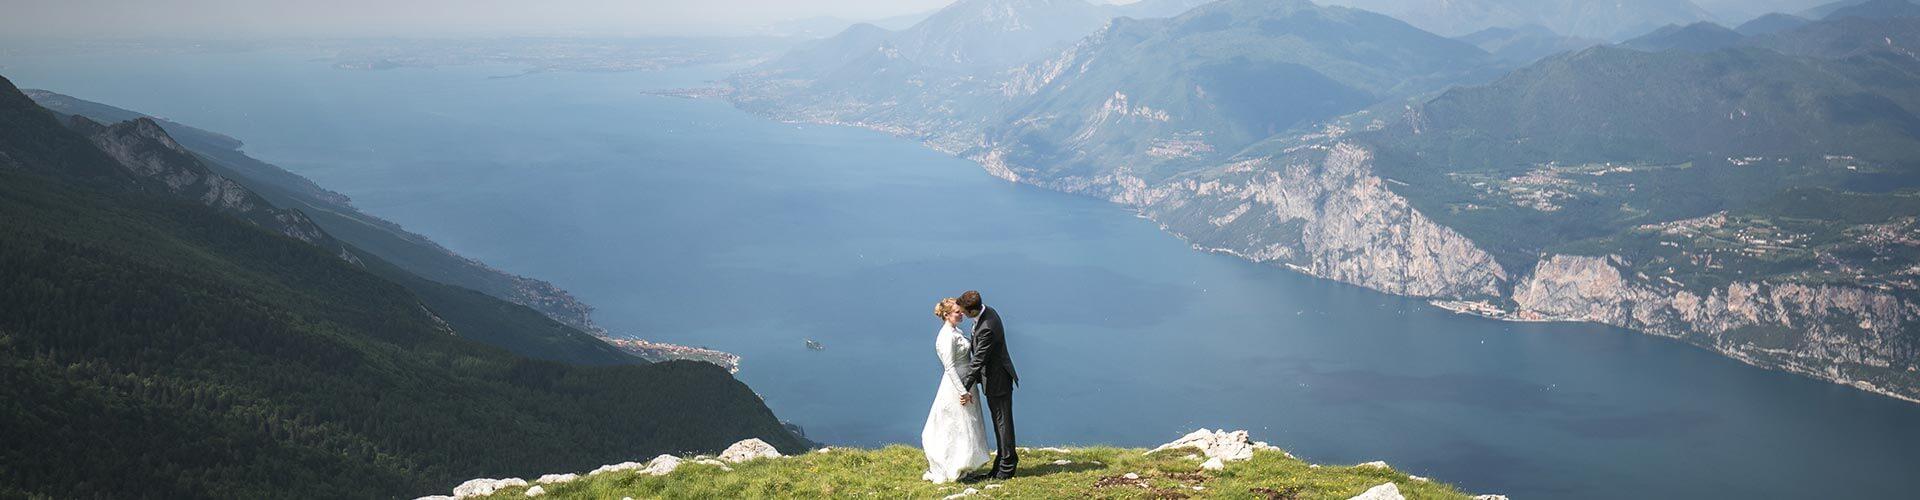 Lake Garda panorama from Monte Baldo